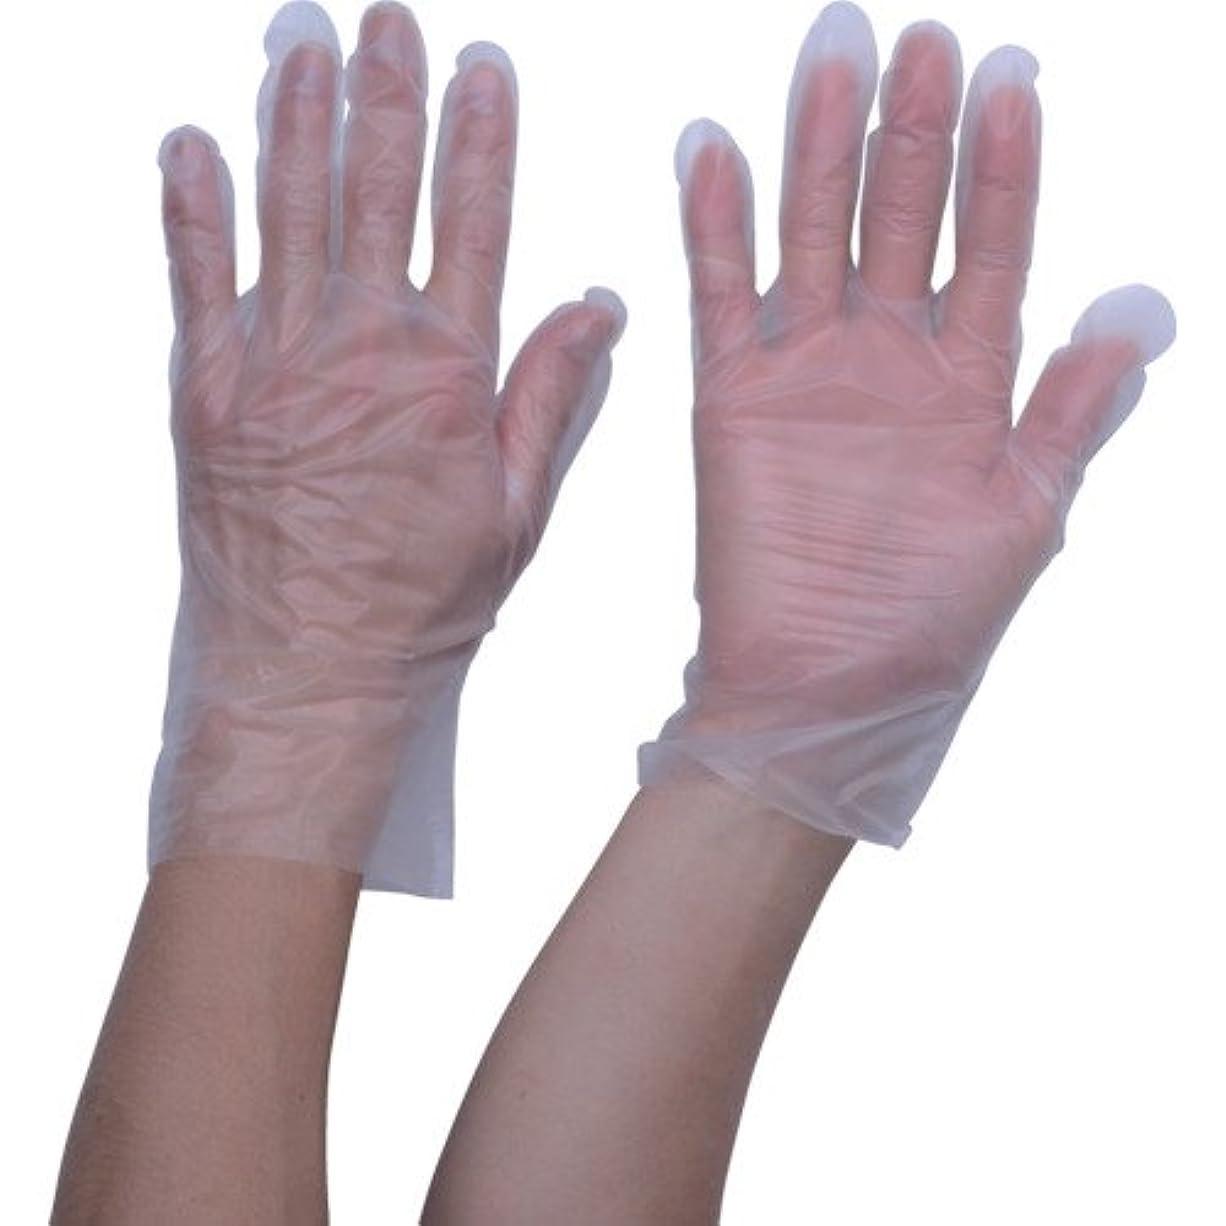 交響曲モードこしょうTRUSCO ポリエチレン 使い捨て手袋 ウェーブカットタイプM (100枚入)(入数:100枚) TGCPE025M